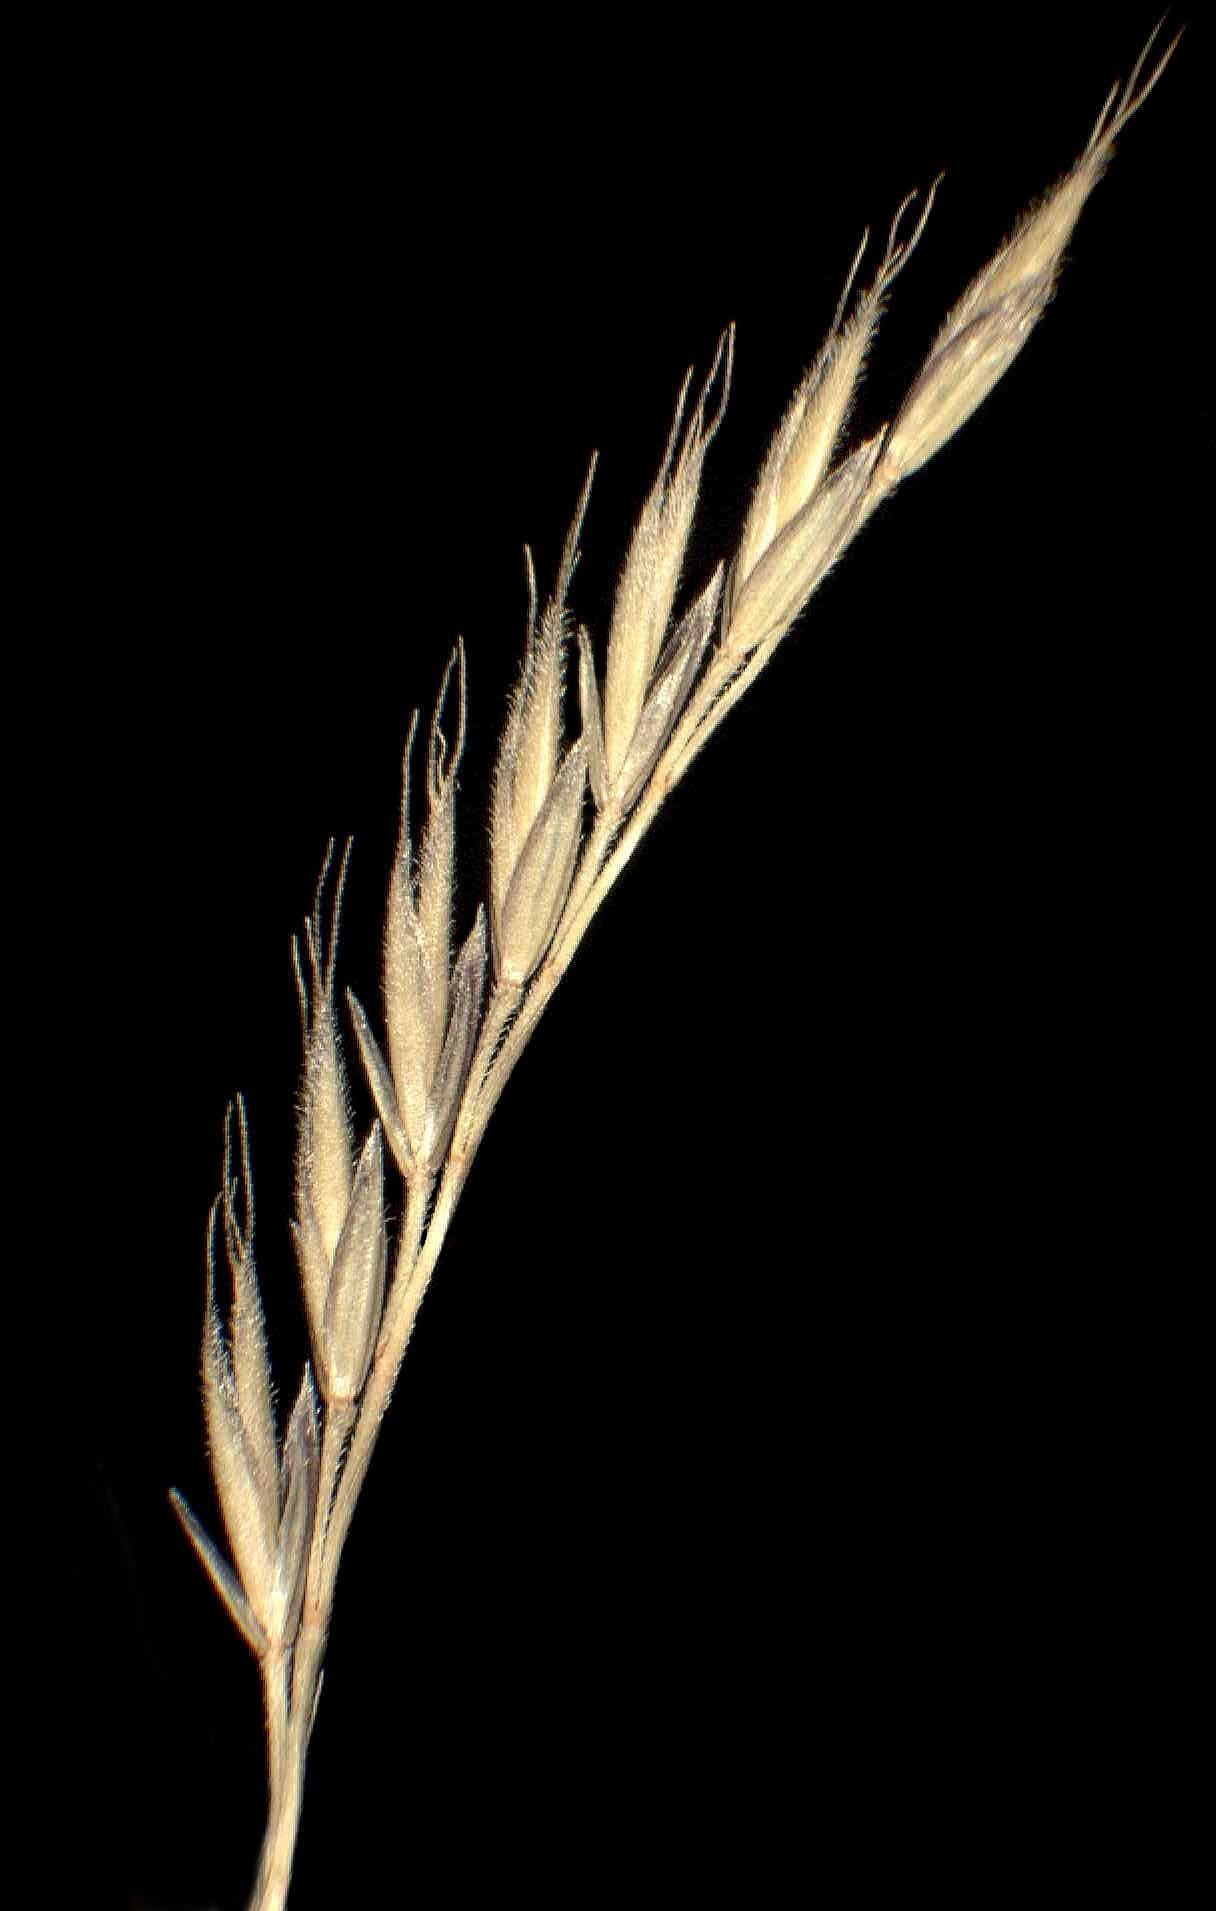 © Dipartimento di Scienze della Vita, Università degli Studi di Trieste<br>by Andrea Moro<br>Pendici del Monte Grappa. , VI, Veneto, Italia, 22/12/04 0.00.00<br>Distributed under CC-BY-SA 4.0 license.